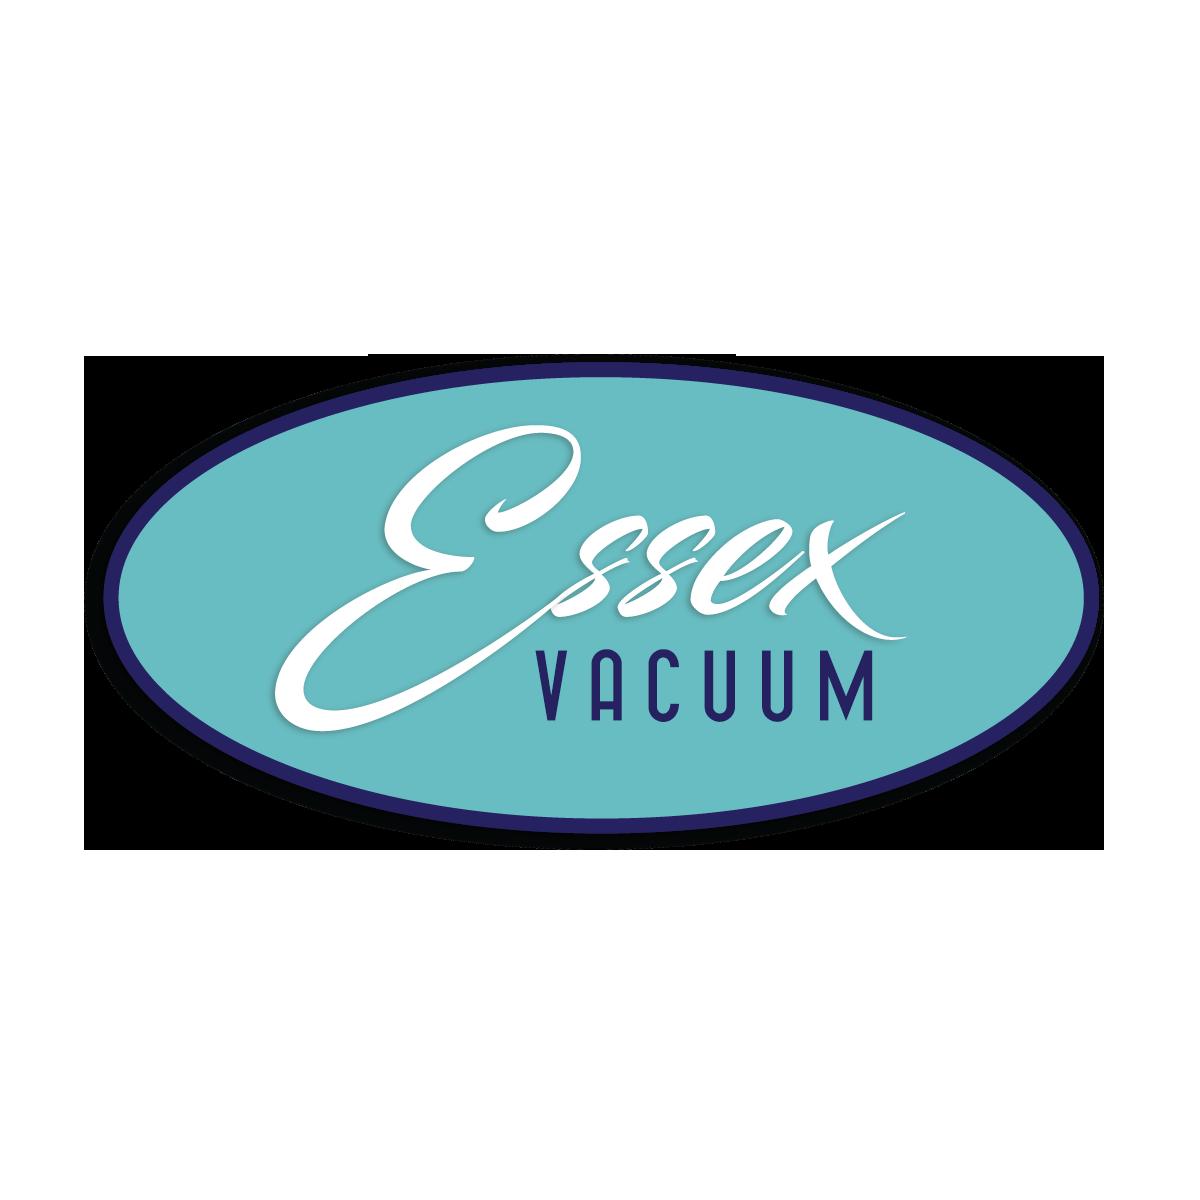 Essex Vacuum